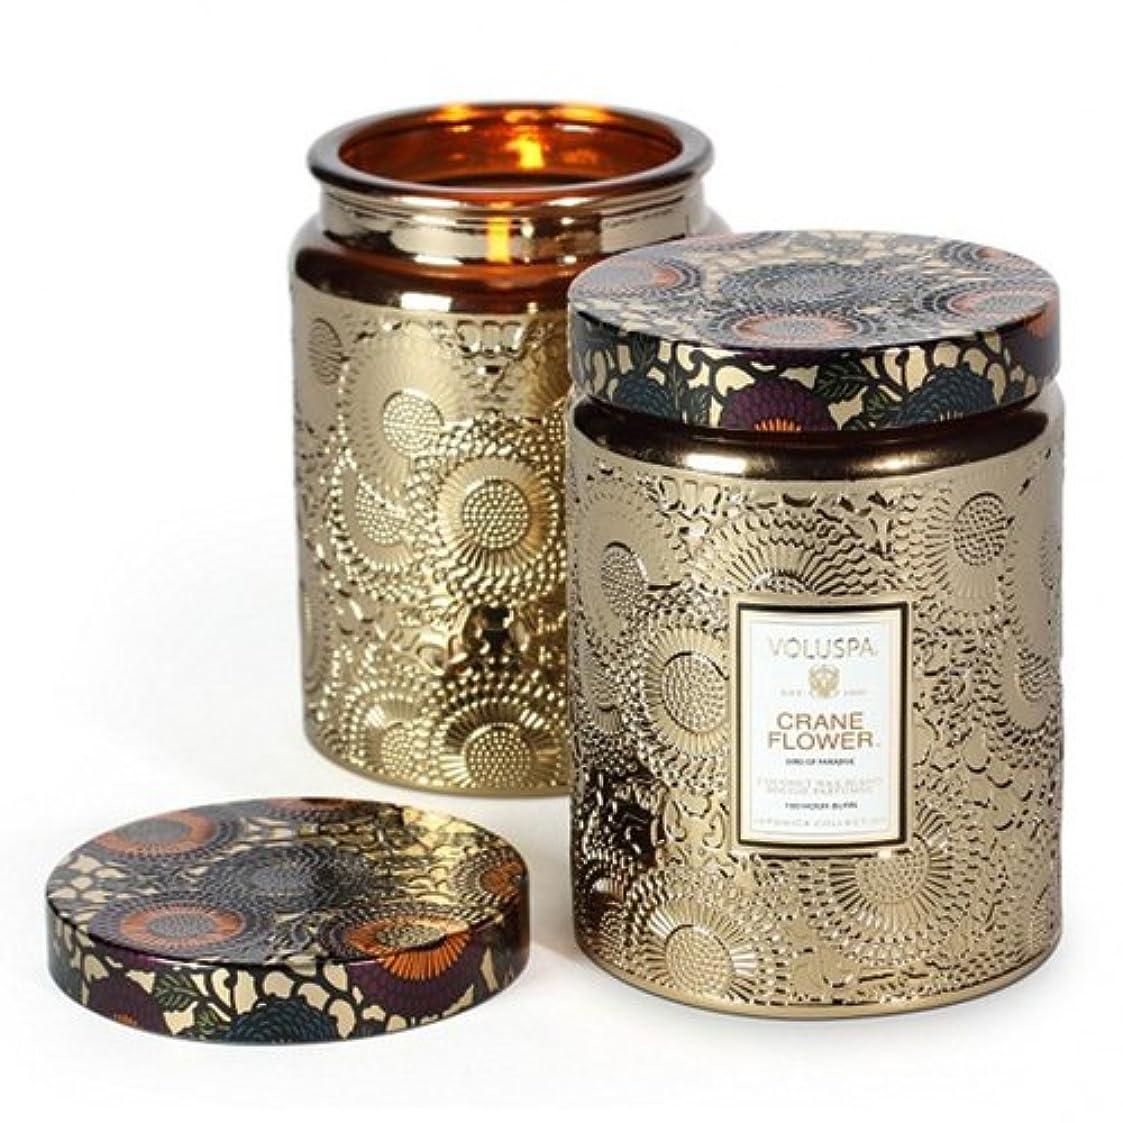 コンパイルイタリックエレガントVoluspa ボルスパ ジャポニカ グラスジャーキャンドル L クレーンフラワー JAPONICA Glass jar candle CRANE FLOWER